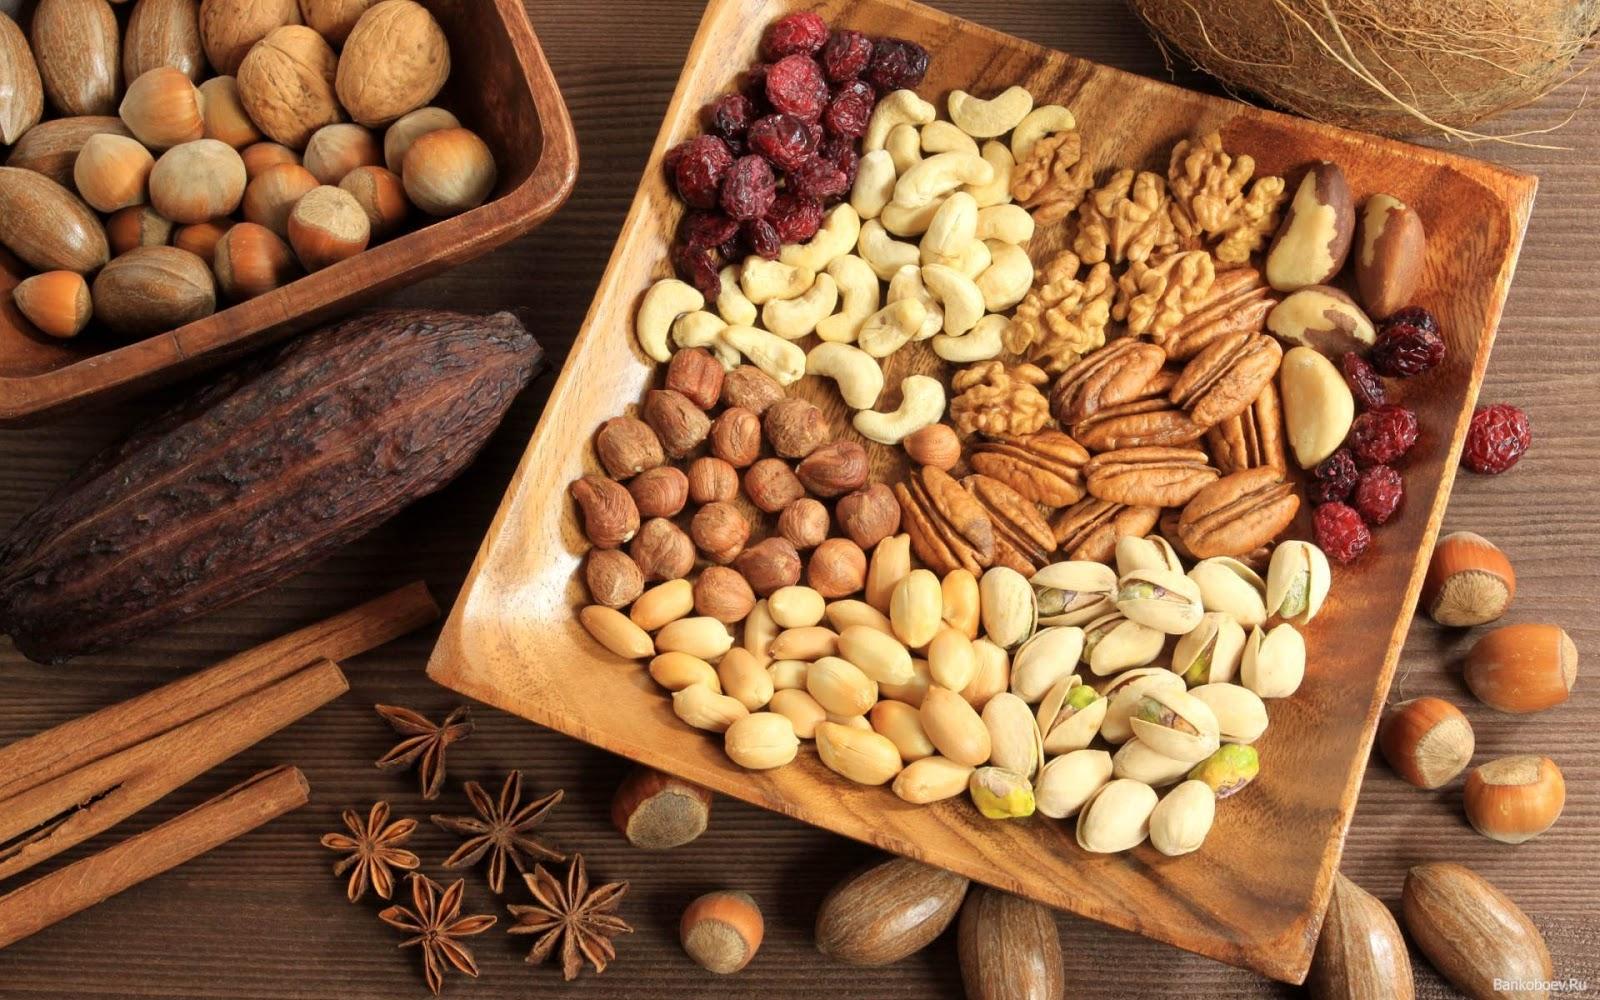 Можно ли употреблять в пищу сырые орехи фисташек